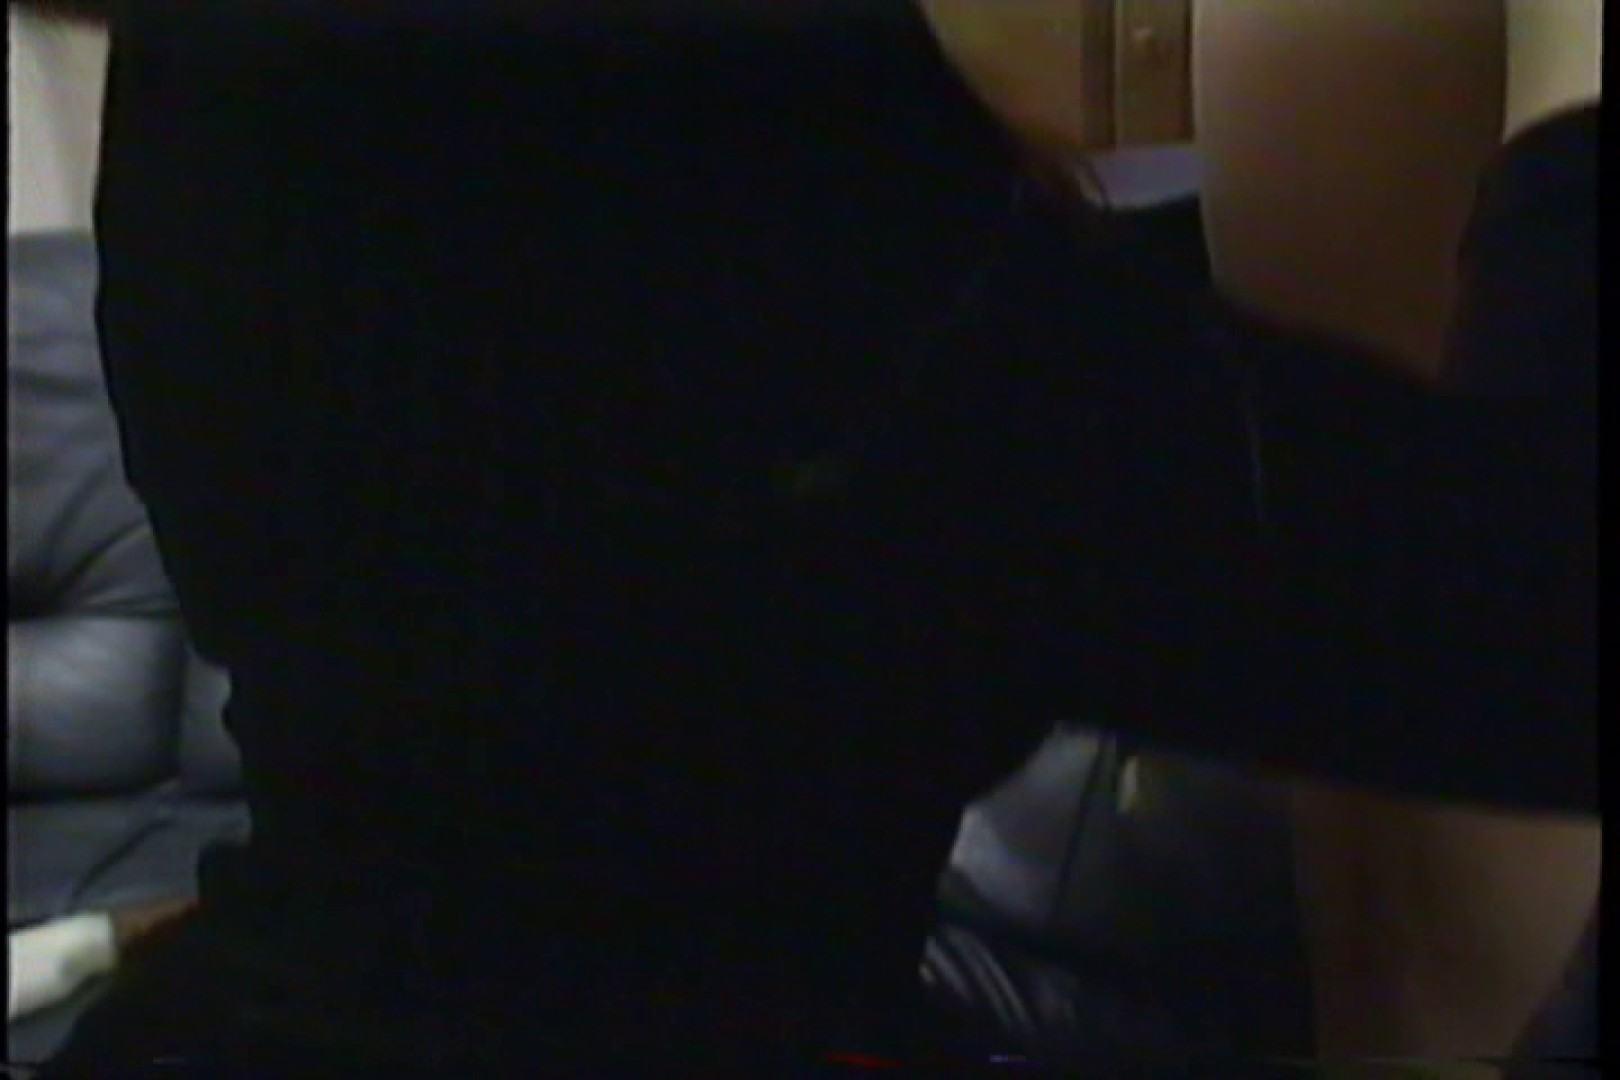 かわいい人妻、巨乳が疼いて止まらない~飯島れいか~ バイブプレイ | 人妻のエッチ  106pic 1